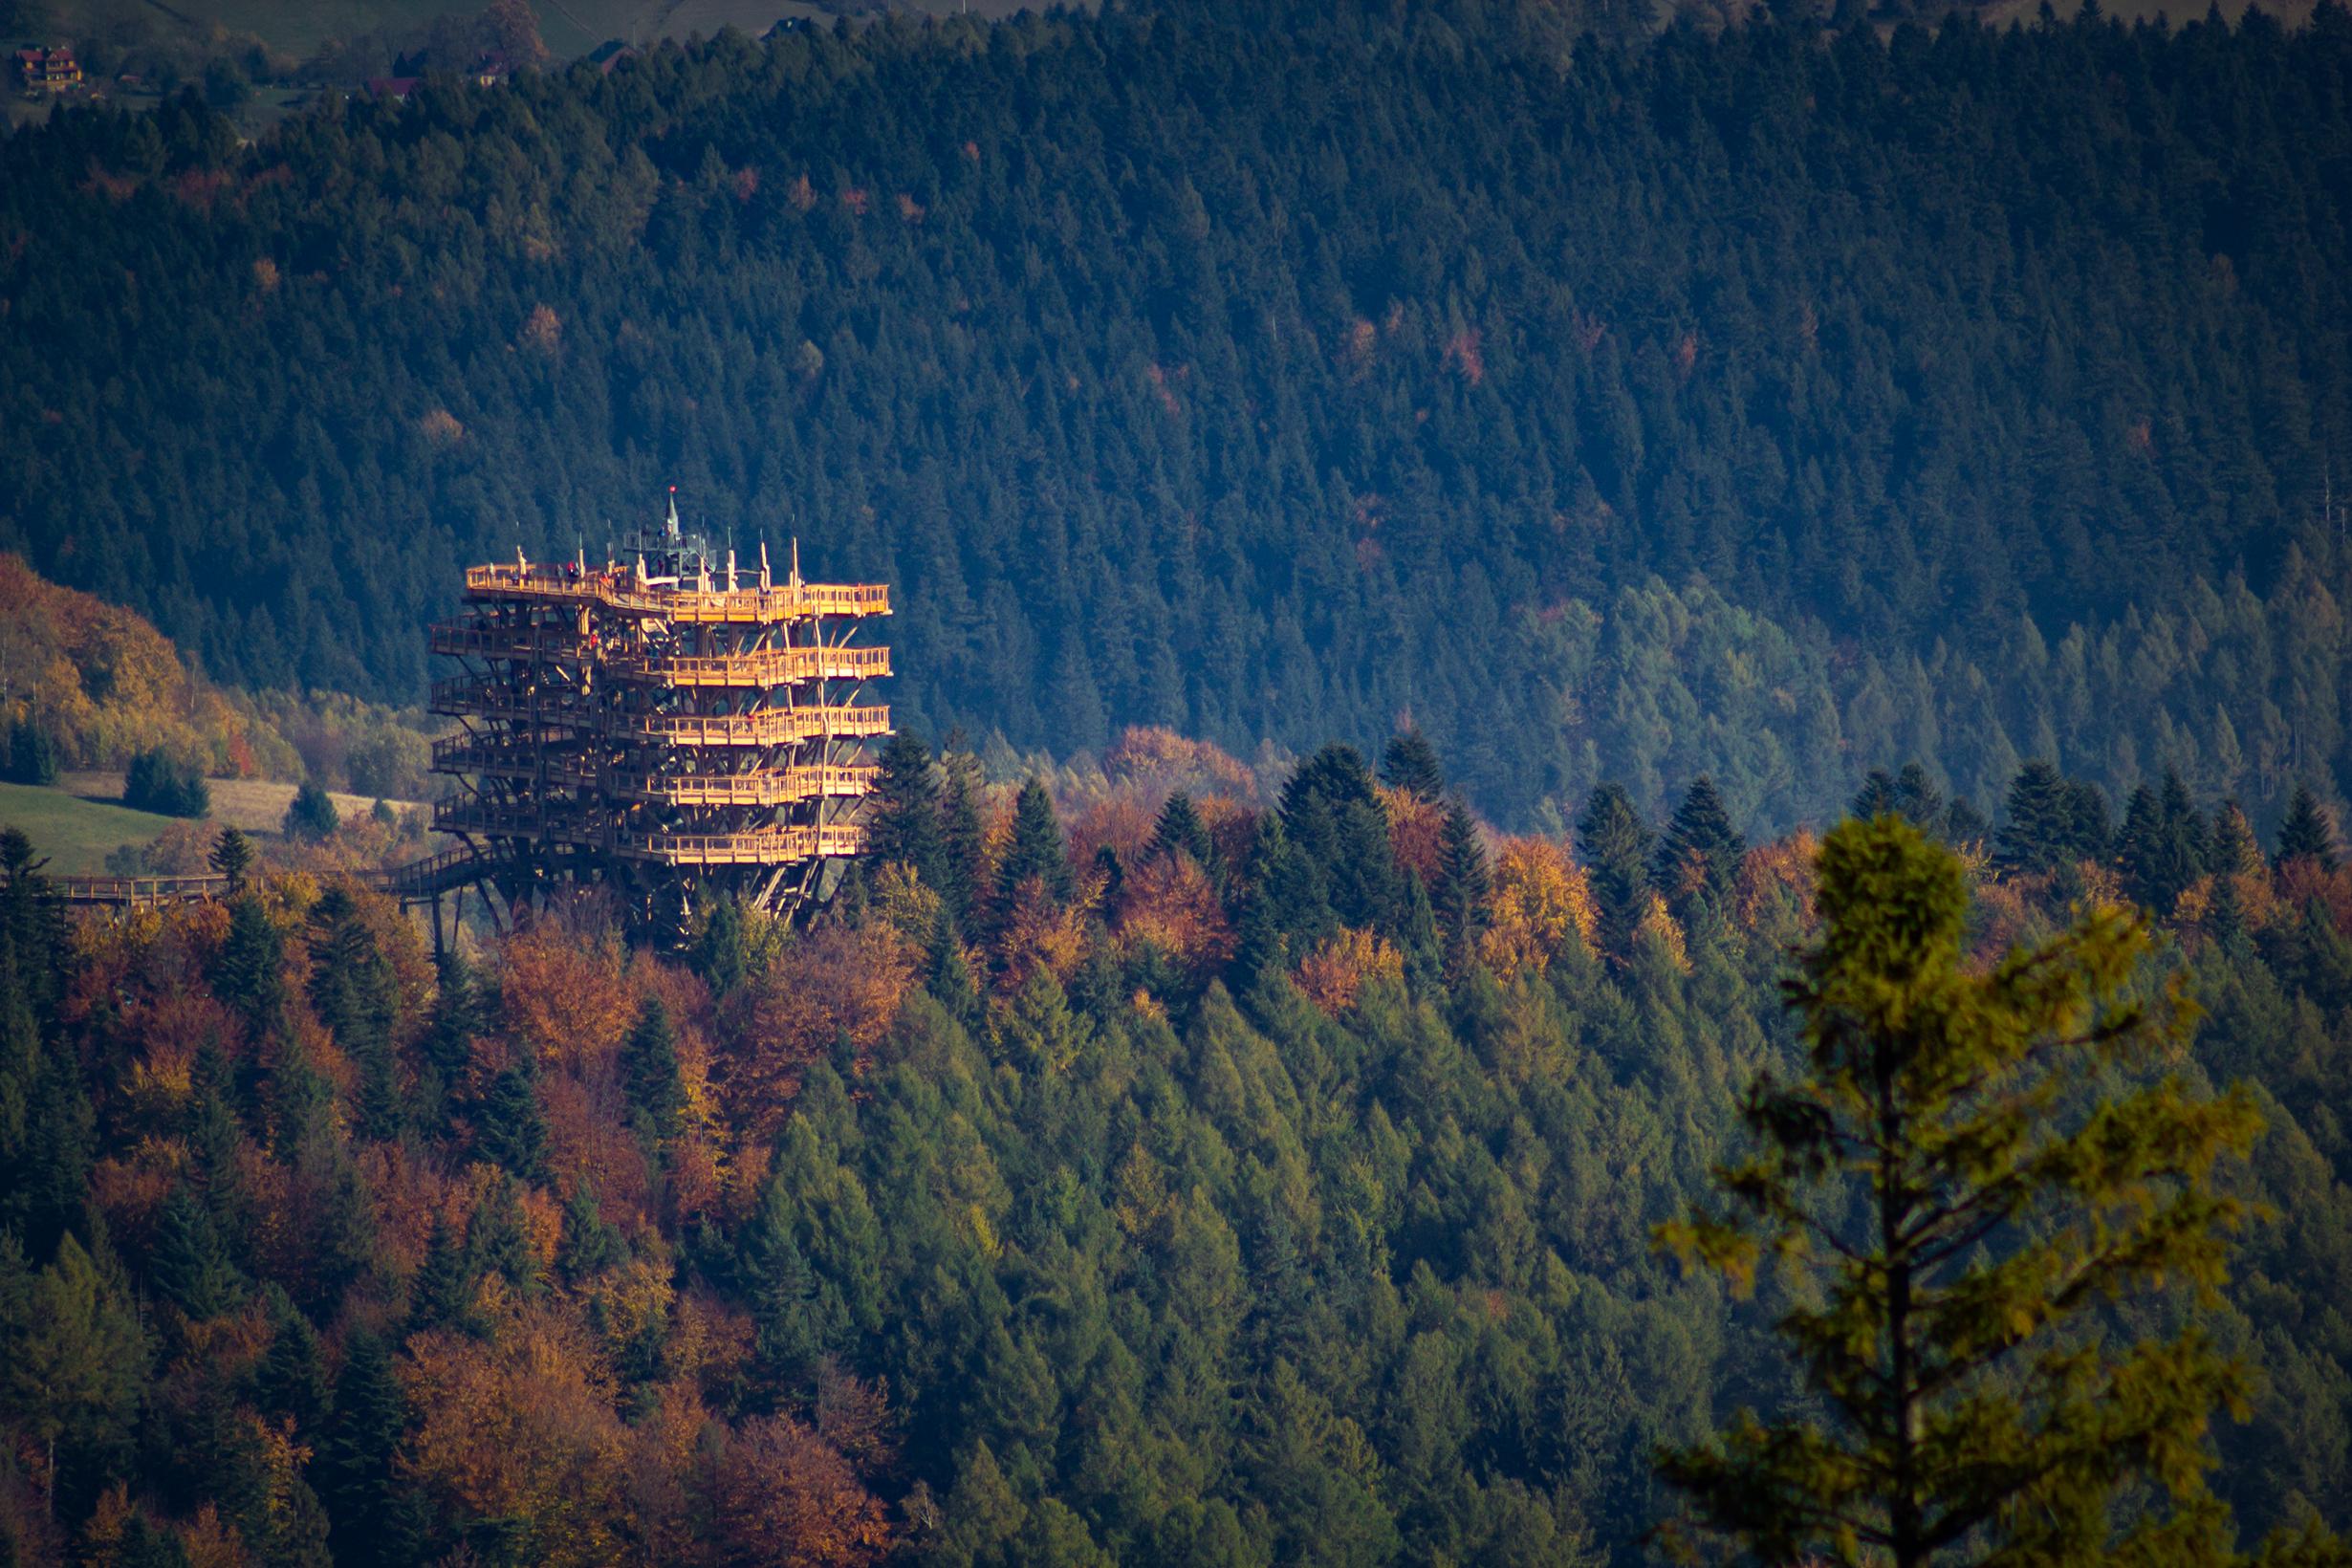 Noclegi Krynica Zdrój z widokiem na oryginalną wieżę widokową